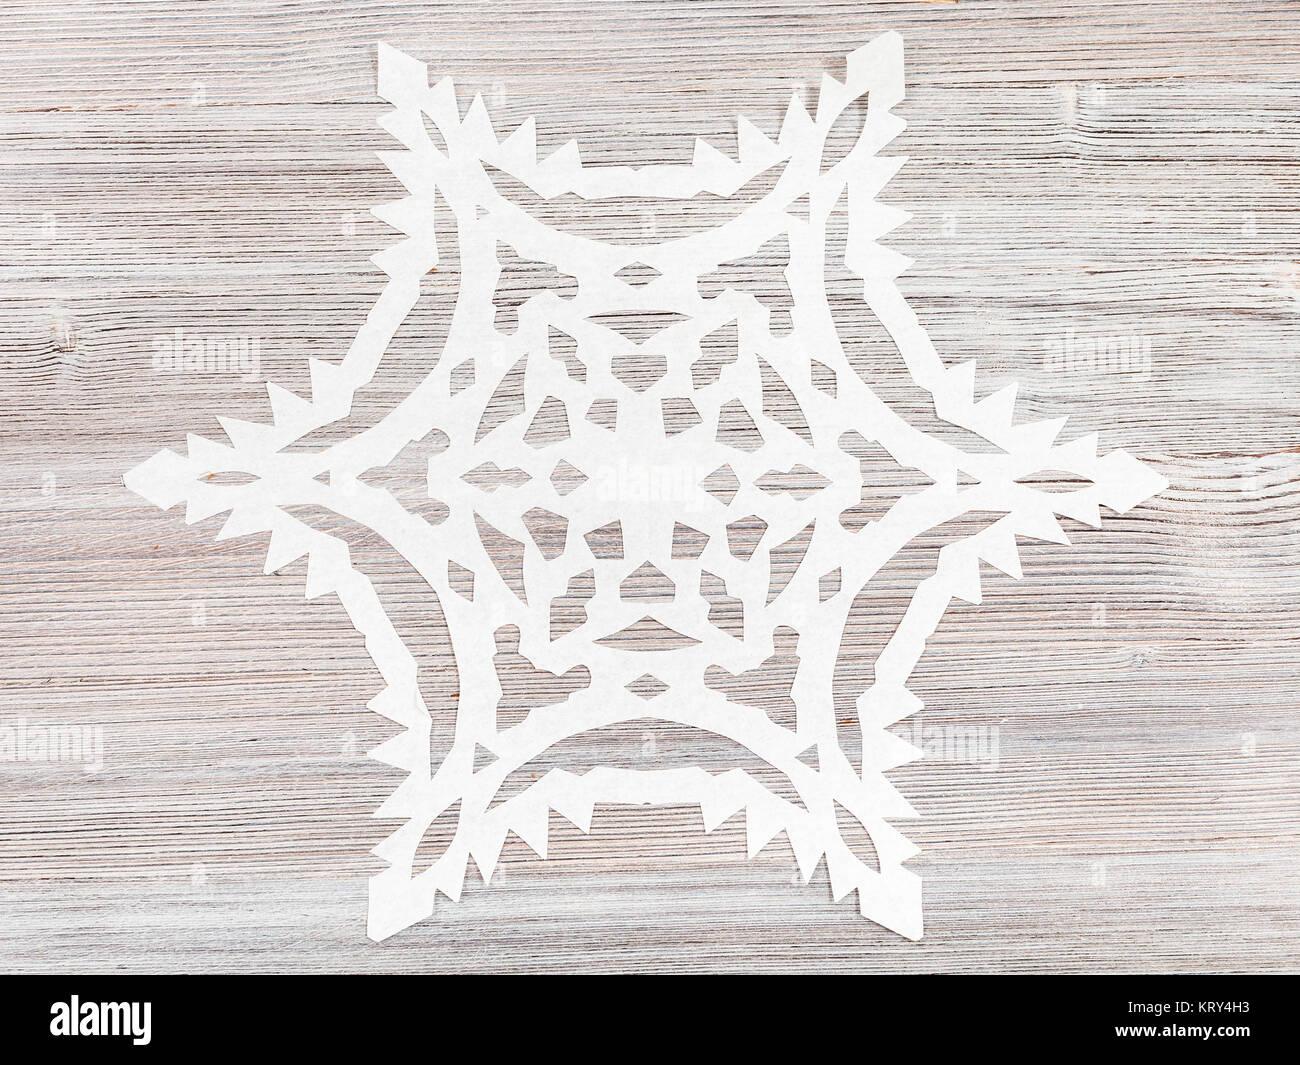 schneeflocke aus papier auf hellbraunem oberfl che stockfoto bild 169626719 alamy. Black Bedroom Furniture Sets. Home Design Ideas